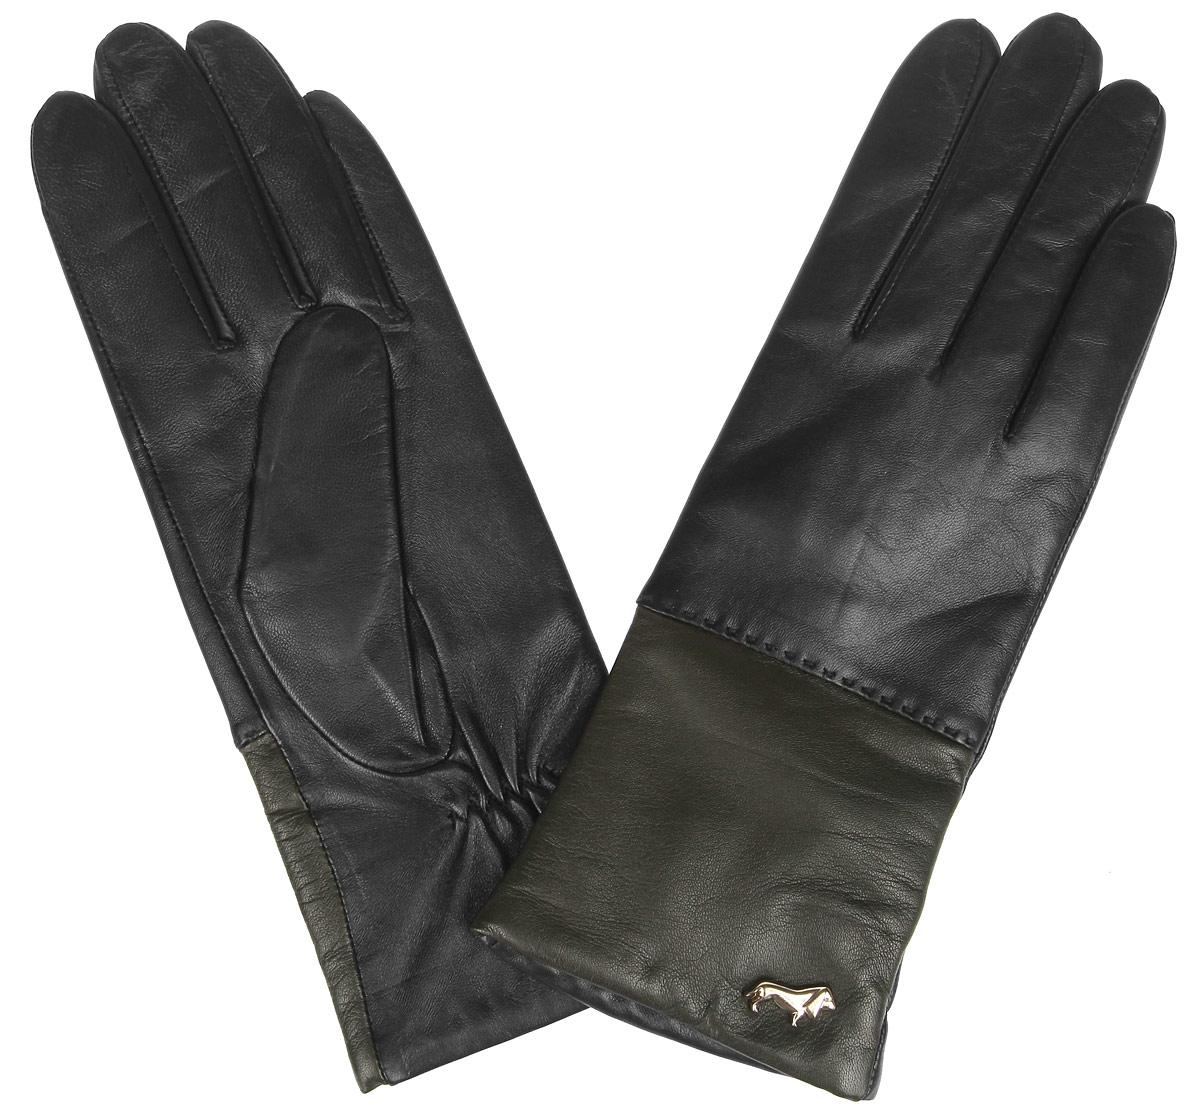 LB-7777Женские перчатки Labbra не только защитят ваши руки от холода, но и станут стильным украшением. Перчатки выполнены из натуральной кожи ягненка. Они мягкие, максимально сохраняют тепло, идеально сидят на руке. Подкладка изделия изготовлена из шерсти с добавлением акрила. Лицевая сторона изделия дополнена декоративным элементом в виде логотипа бренда. На запястье модель присборена на небольшие эластичные резинки. Перчатки станут завершающим элементом вашего неповторимого стиля и подчеркнут вашу индивидуальность.